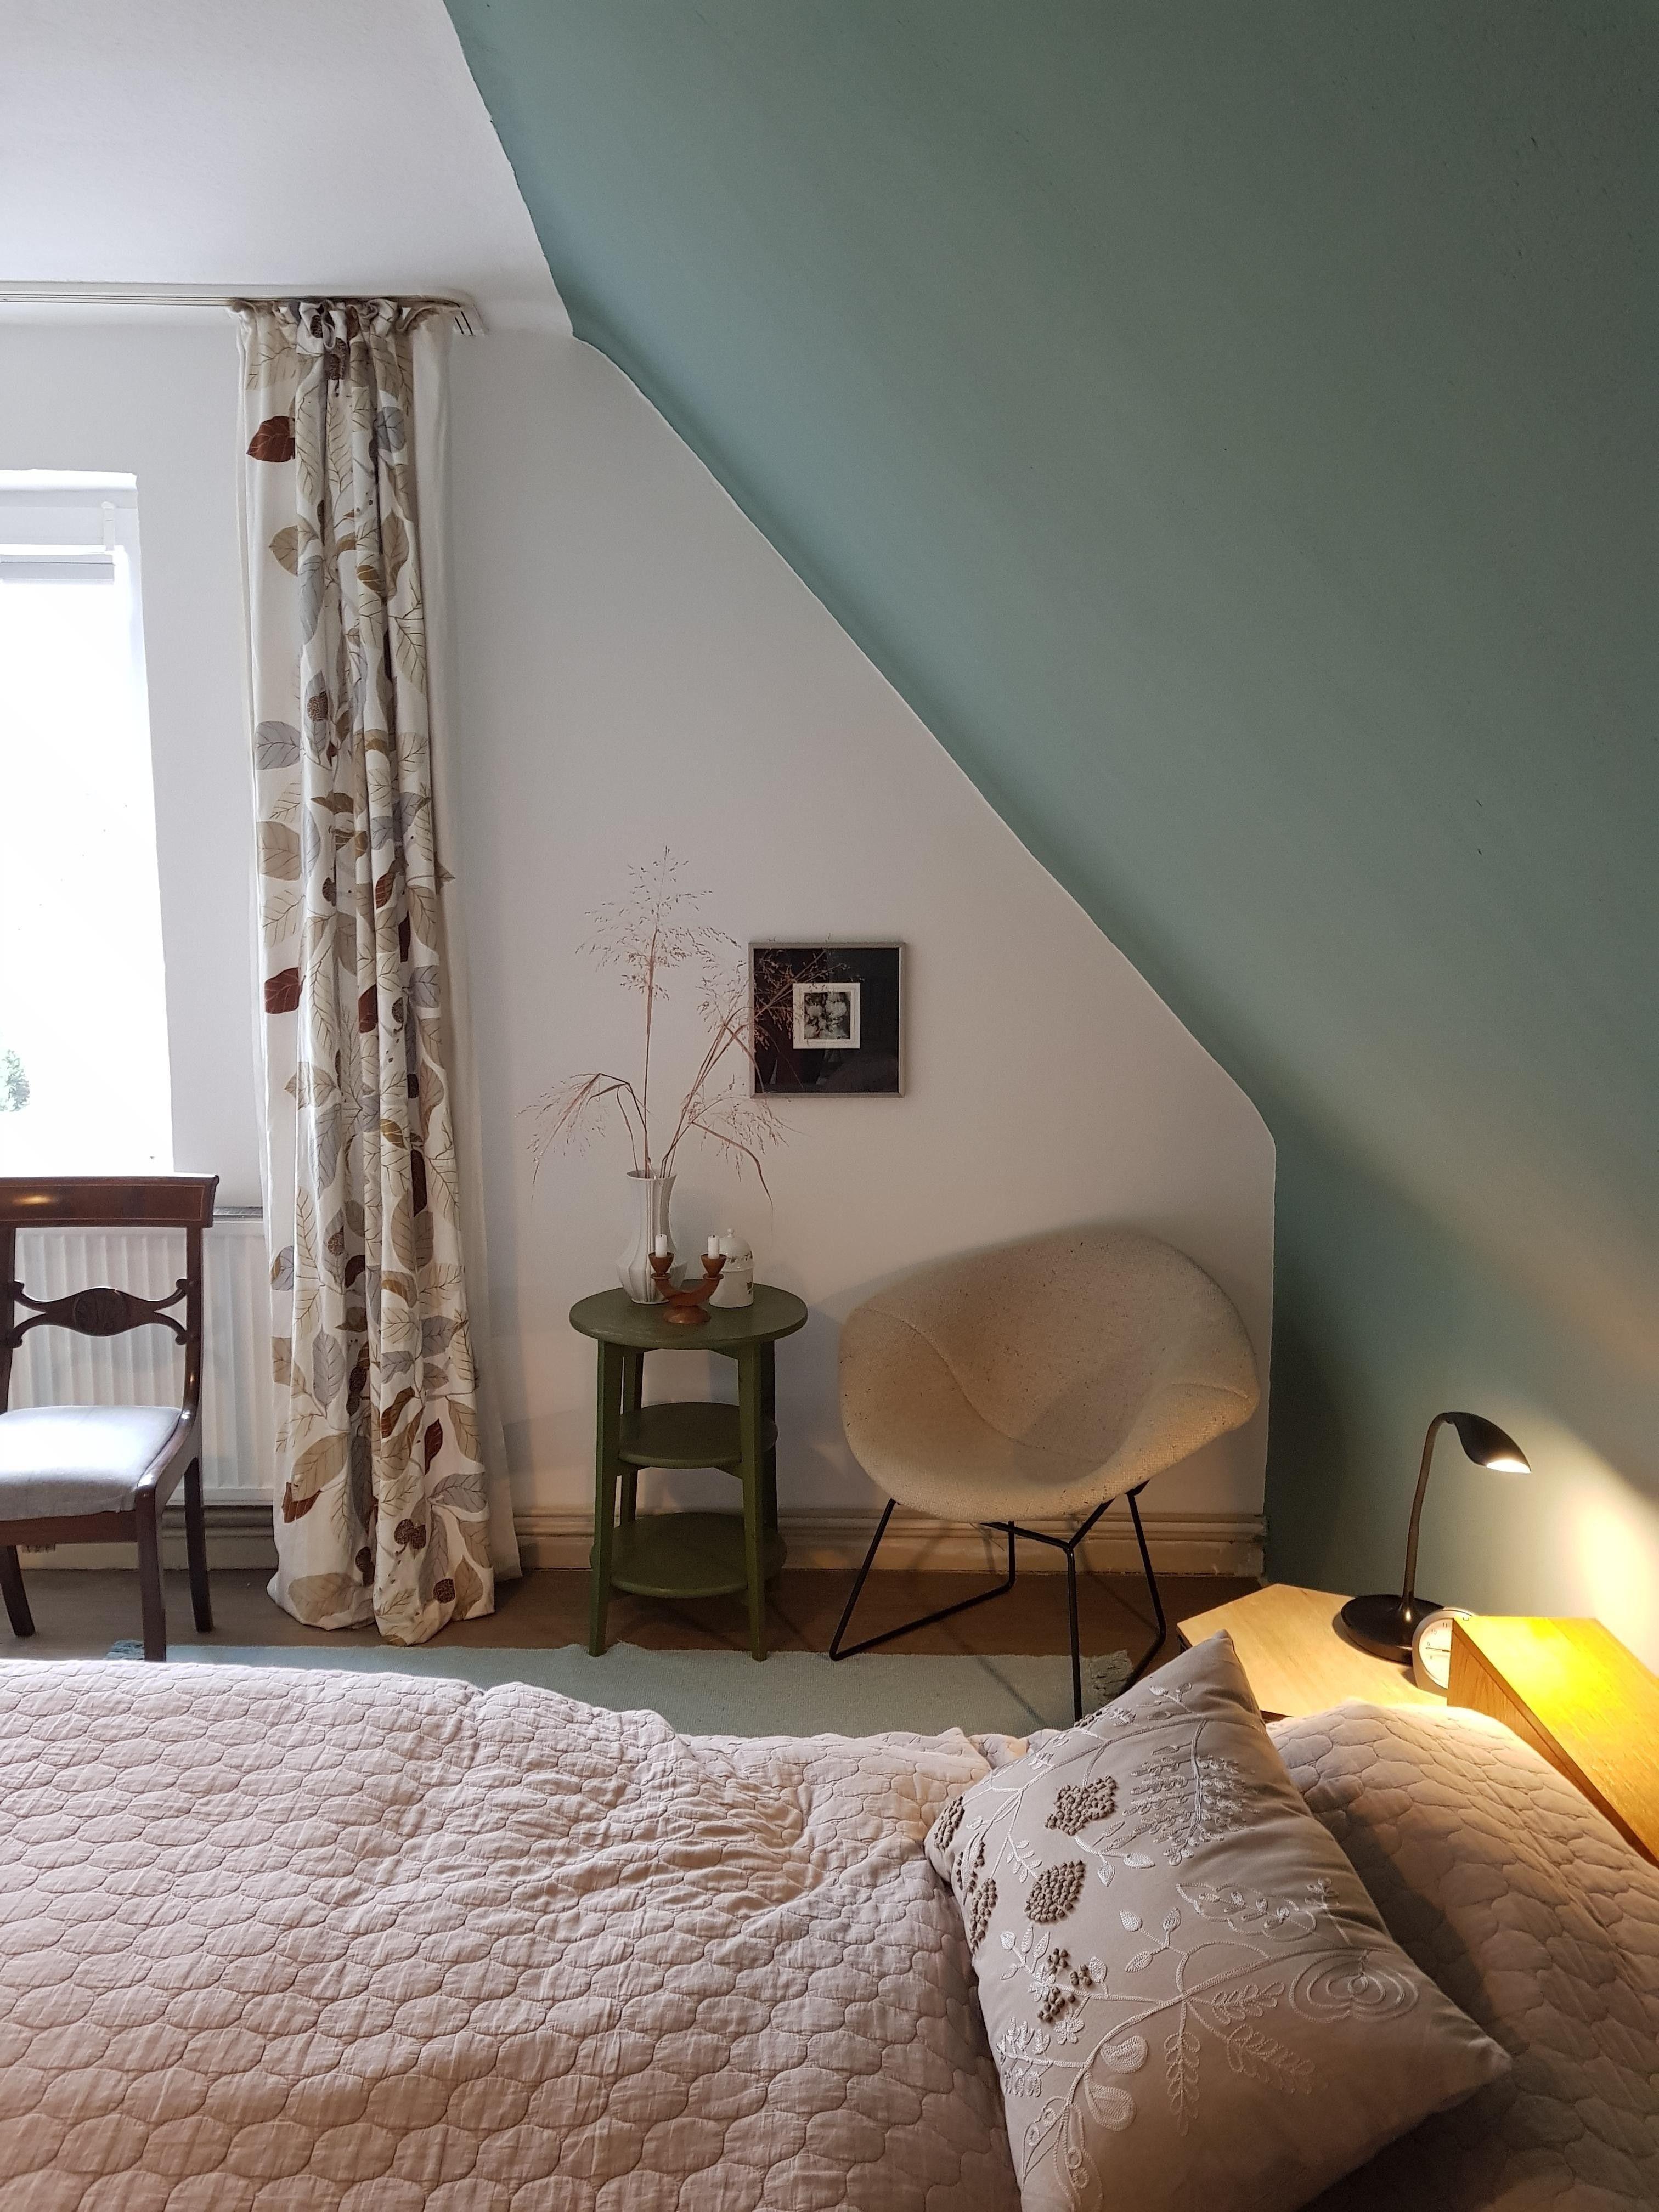 Kleine Zimmer Mit Dachschräge Einrichten   Zimmer mit dachschräge einrichten, Schlafzimmer ...